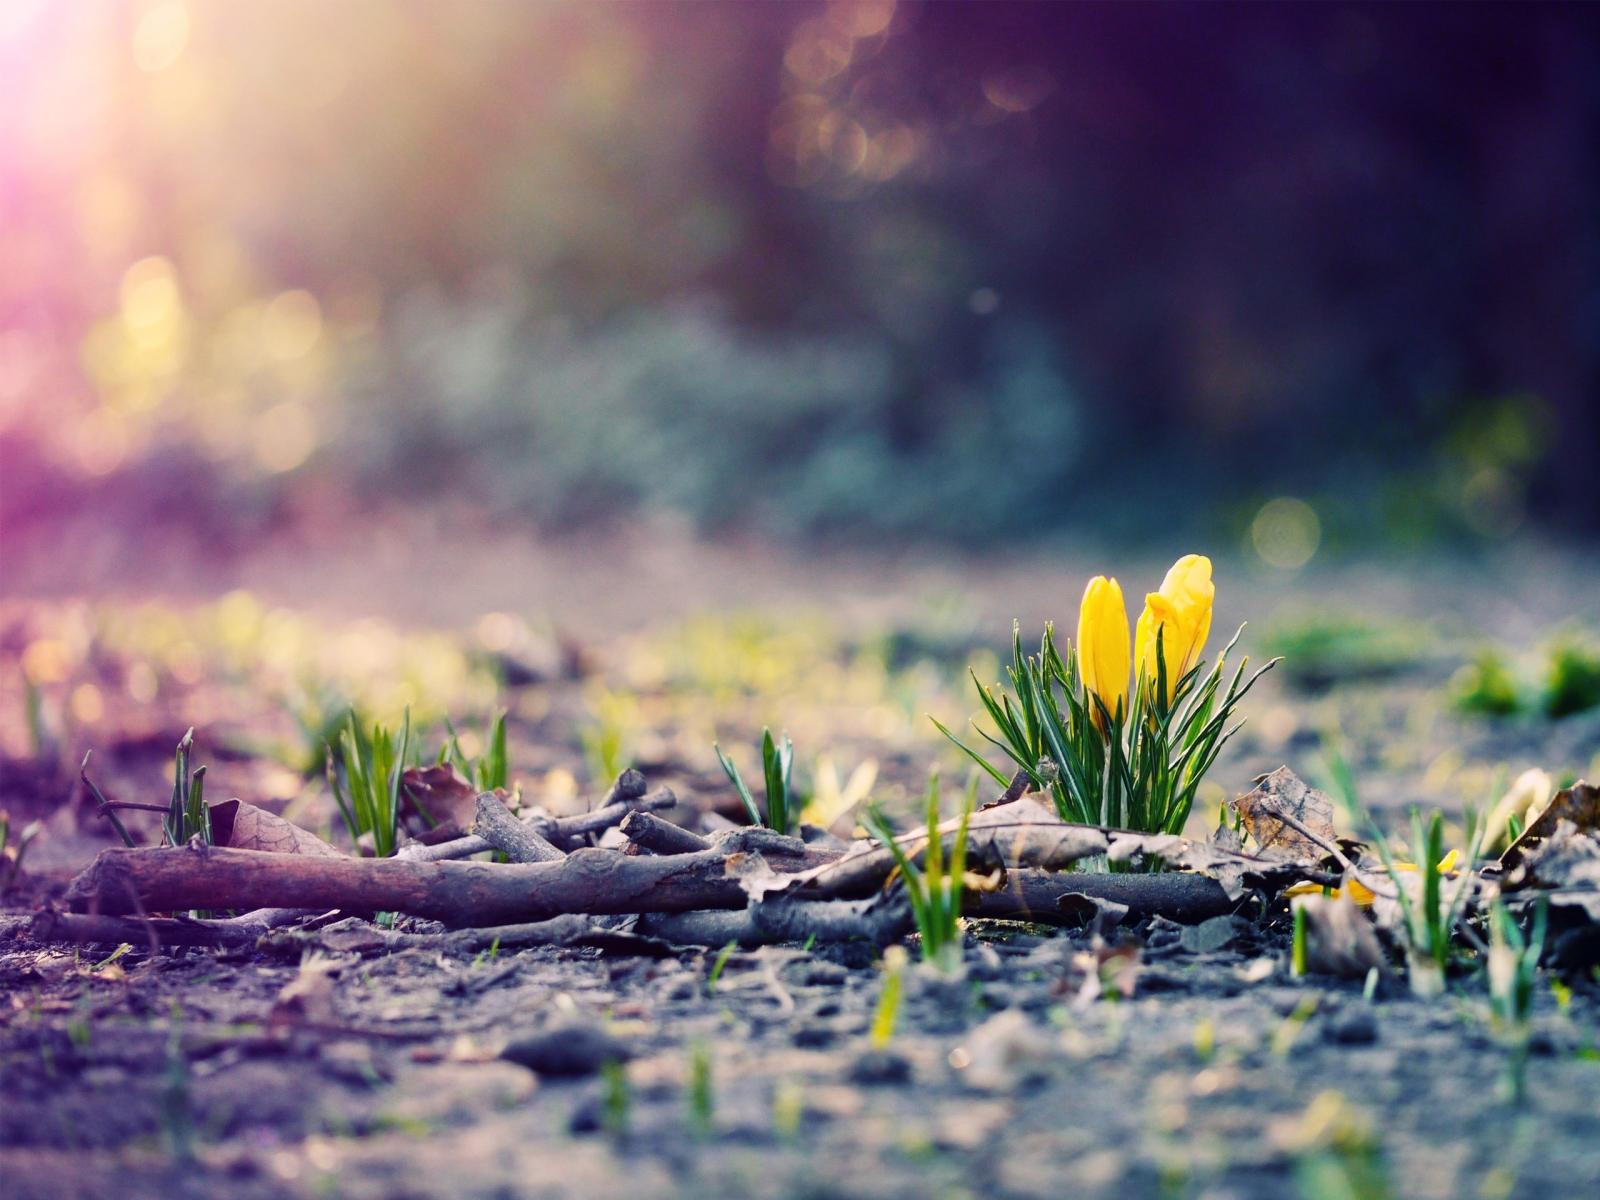 Картинки к началу новой жизни в природе